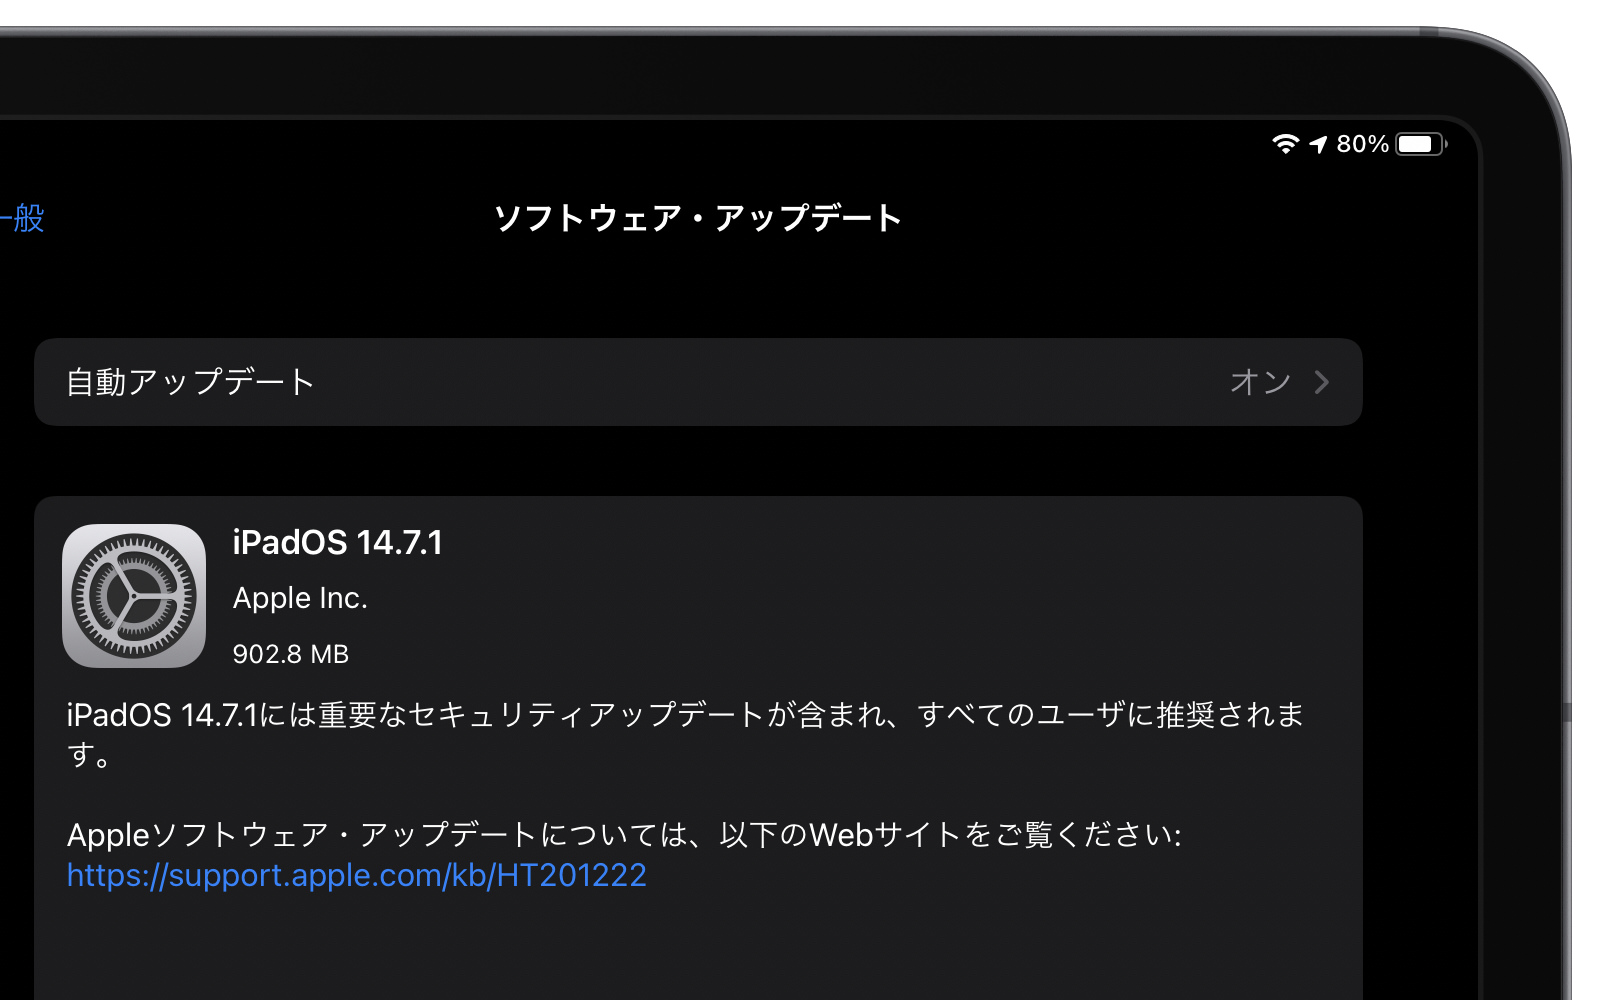 IPadOS14 7 1 update